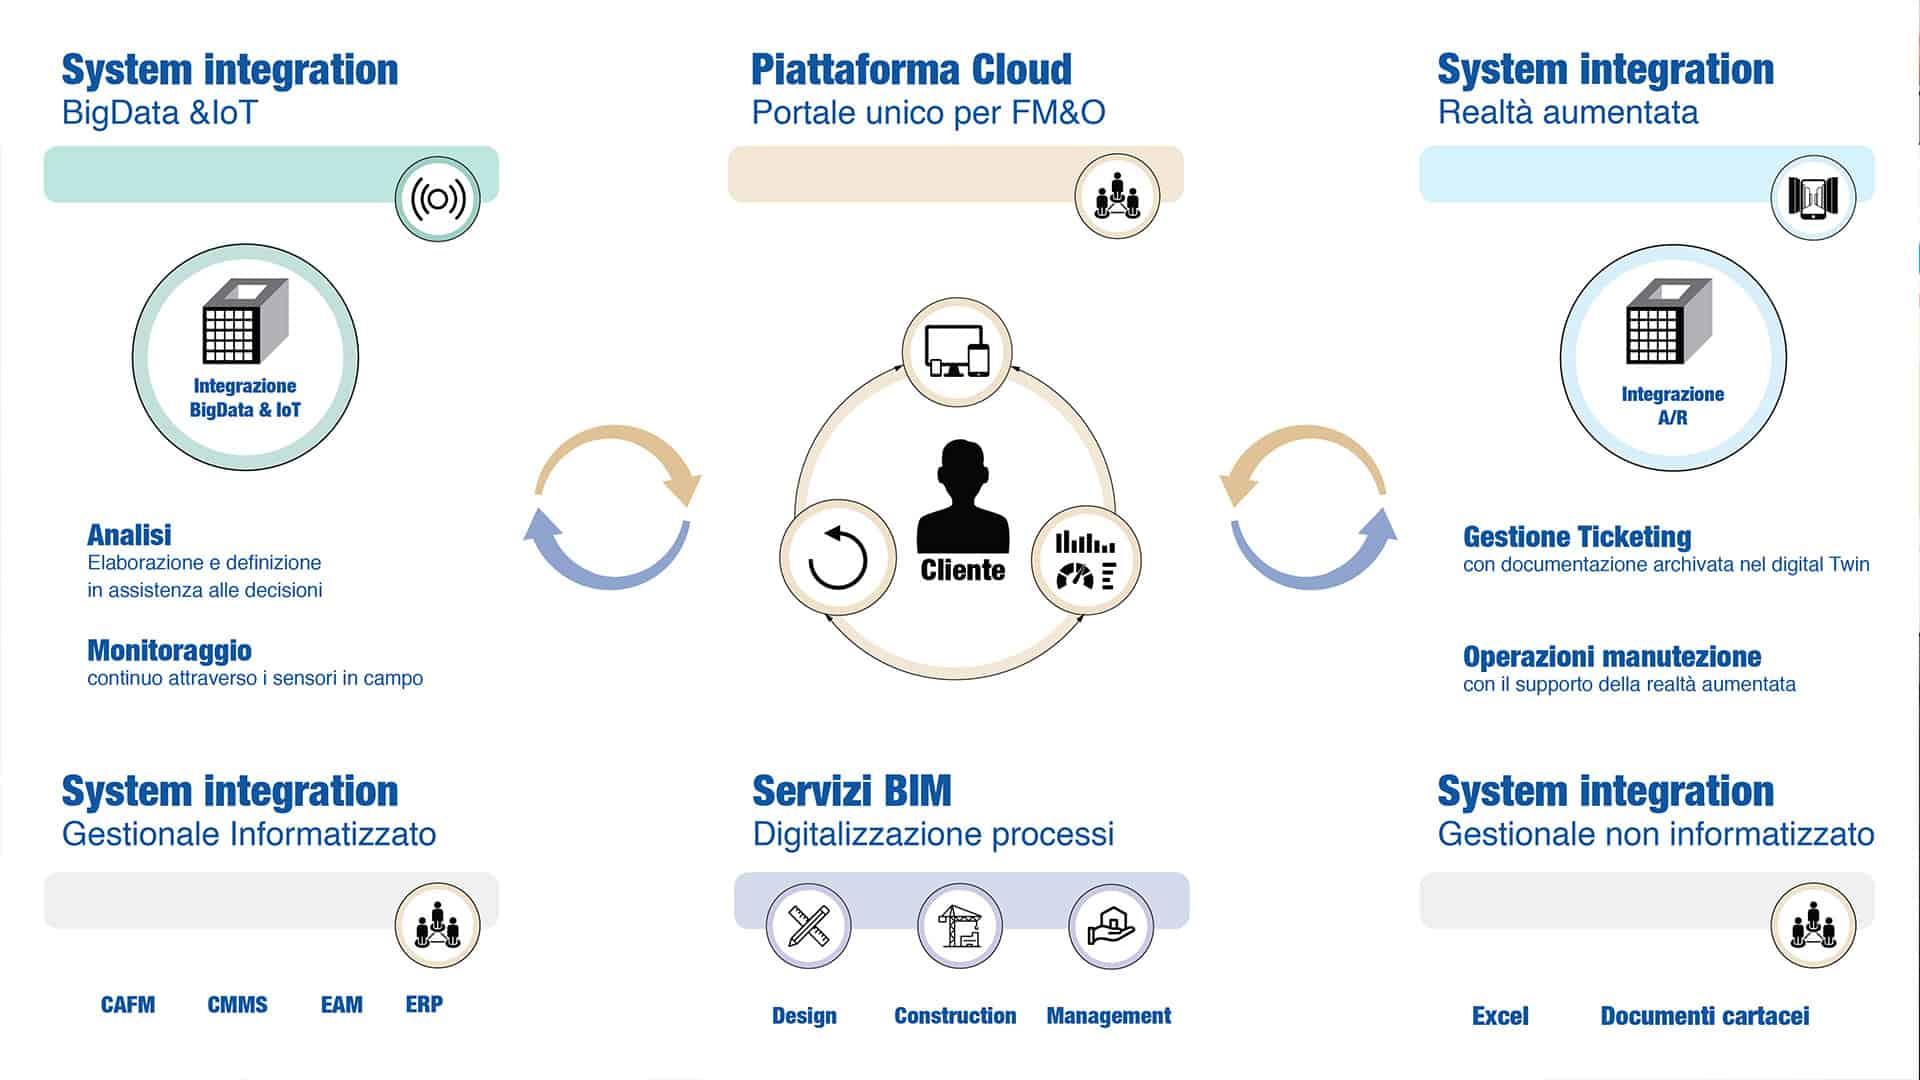 La Piattaforma in Cloud per il Facility Management vincitrice del premio Iniziativa BIM dell'anno al BIM&DIGITAL 2019